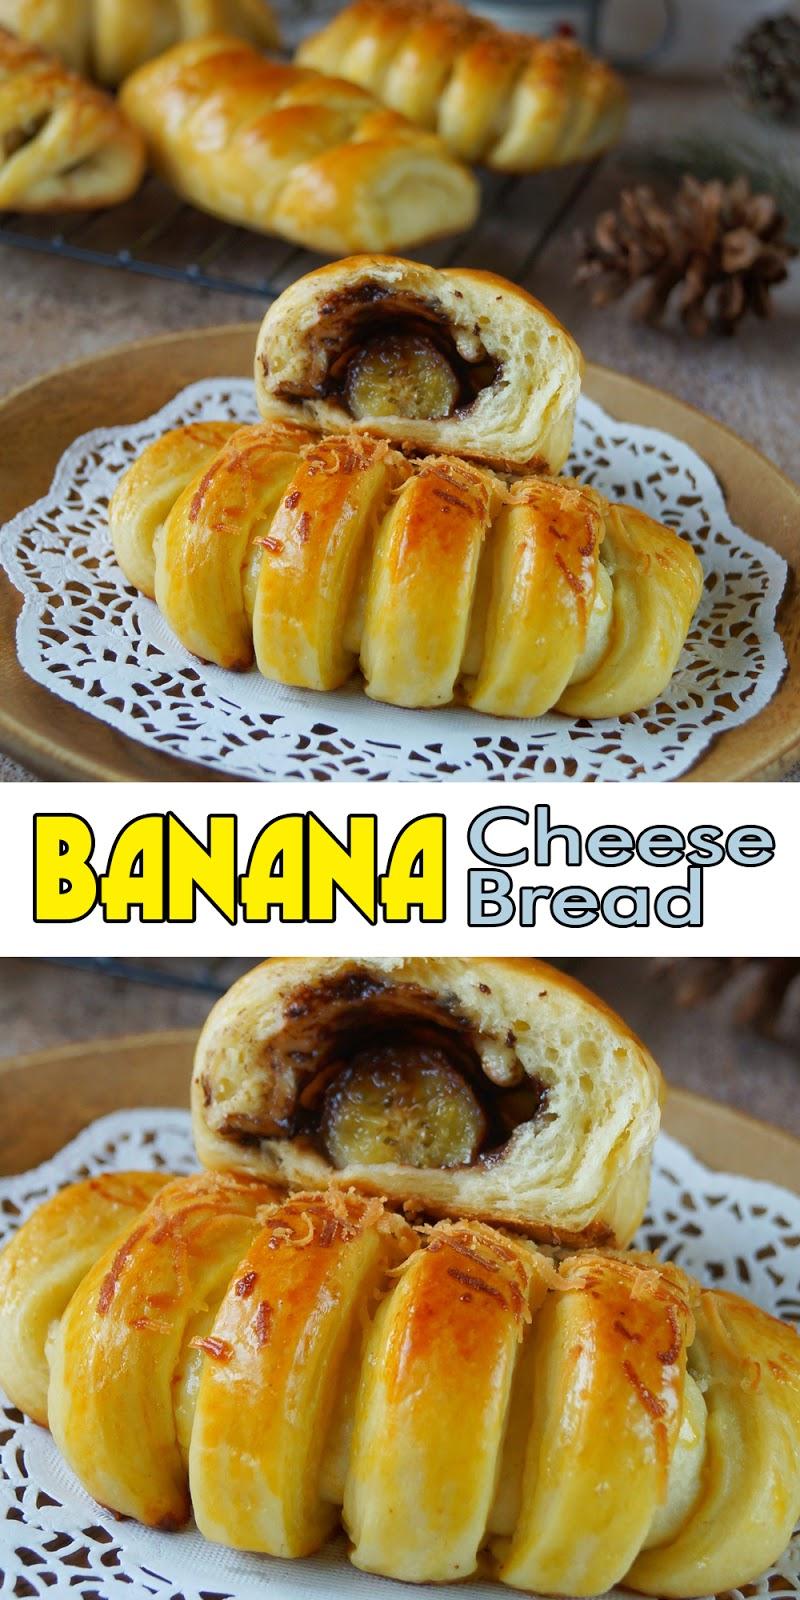 BANANA CHEESE BREAD